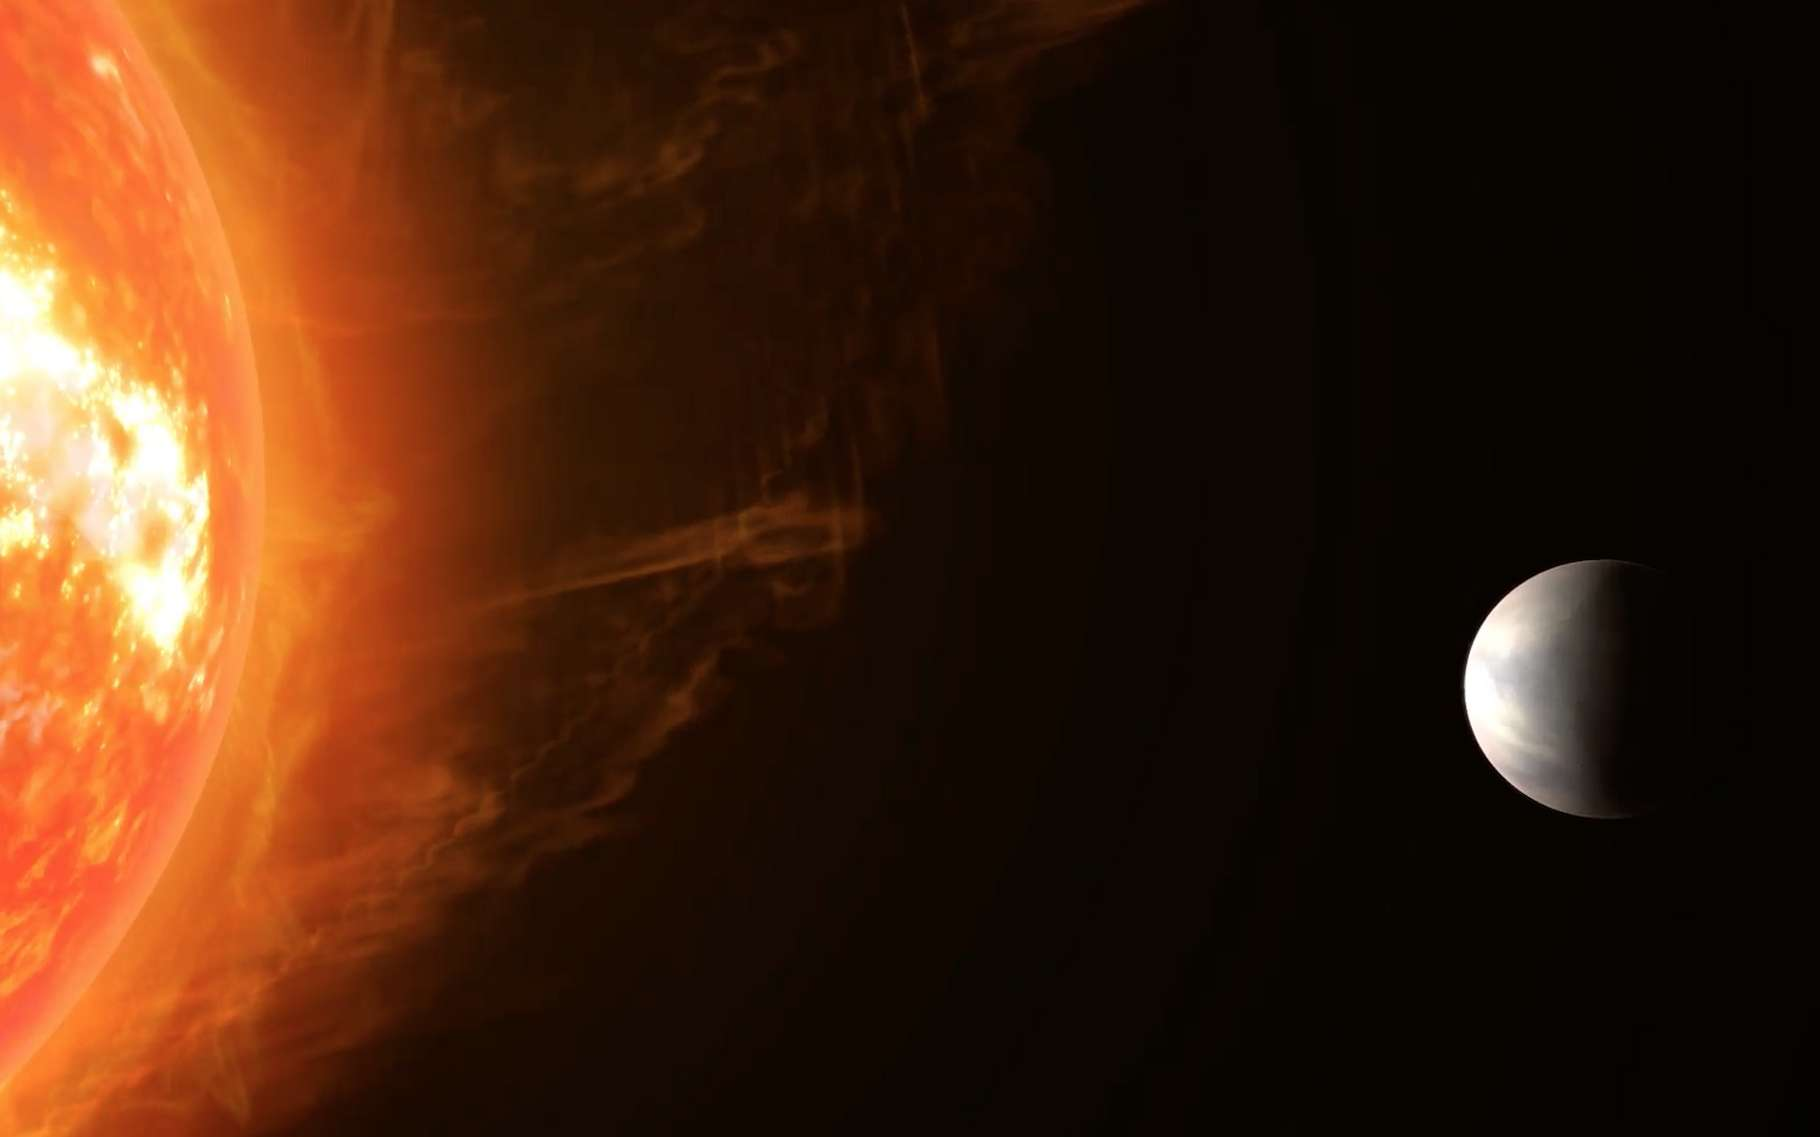 Des chercheurs ont découvert une exoplanète rocheuse dont ils espèrent bien pouvoir étudier l'atmosphère. © Max Planck Institute for Astronomy